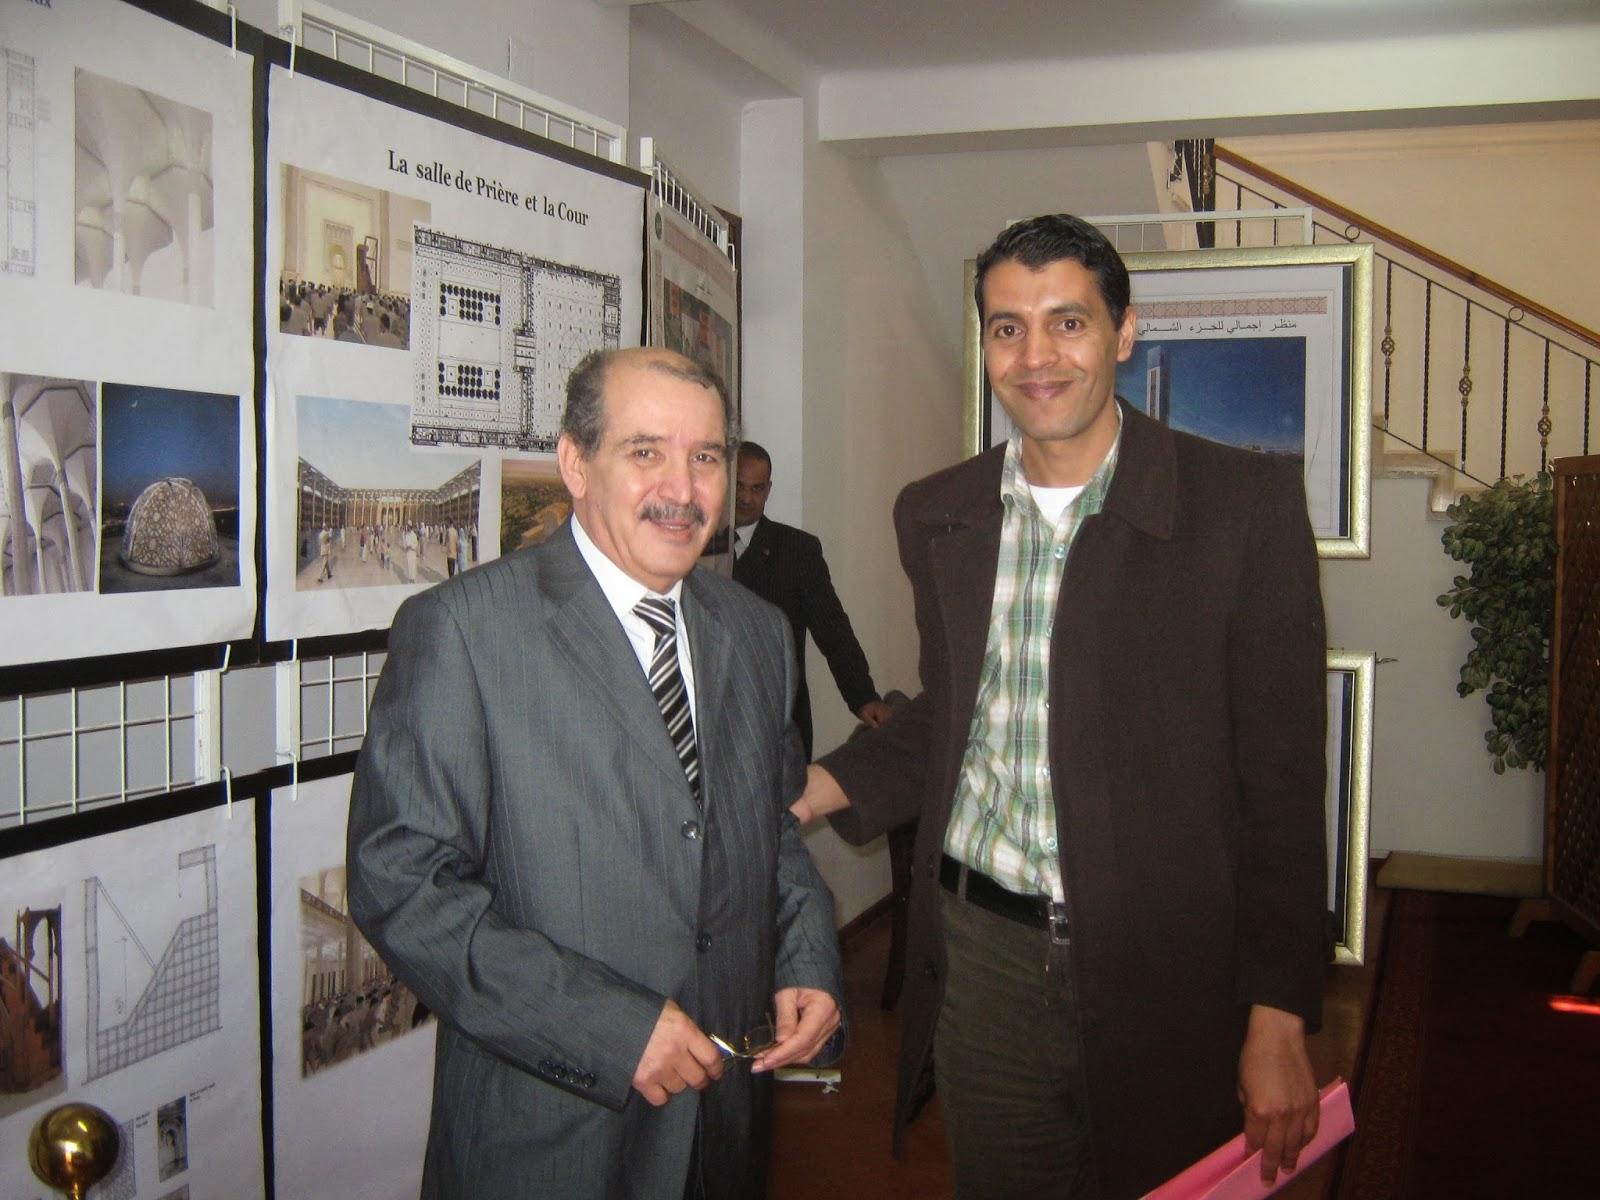 مشروع جامع الجزائر الأعظم: إعطاء إشارة إنطلاق أشغال الإنجاز - صفحة 3 +لخضر+علوي